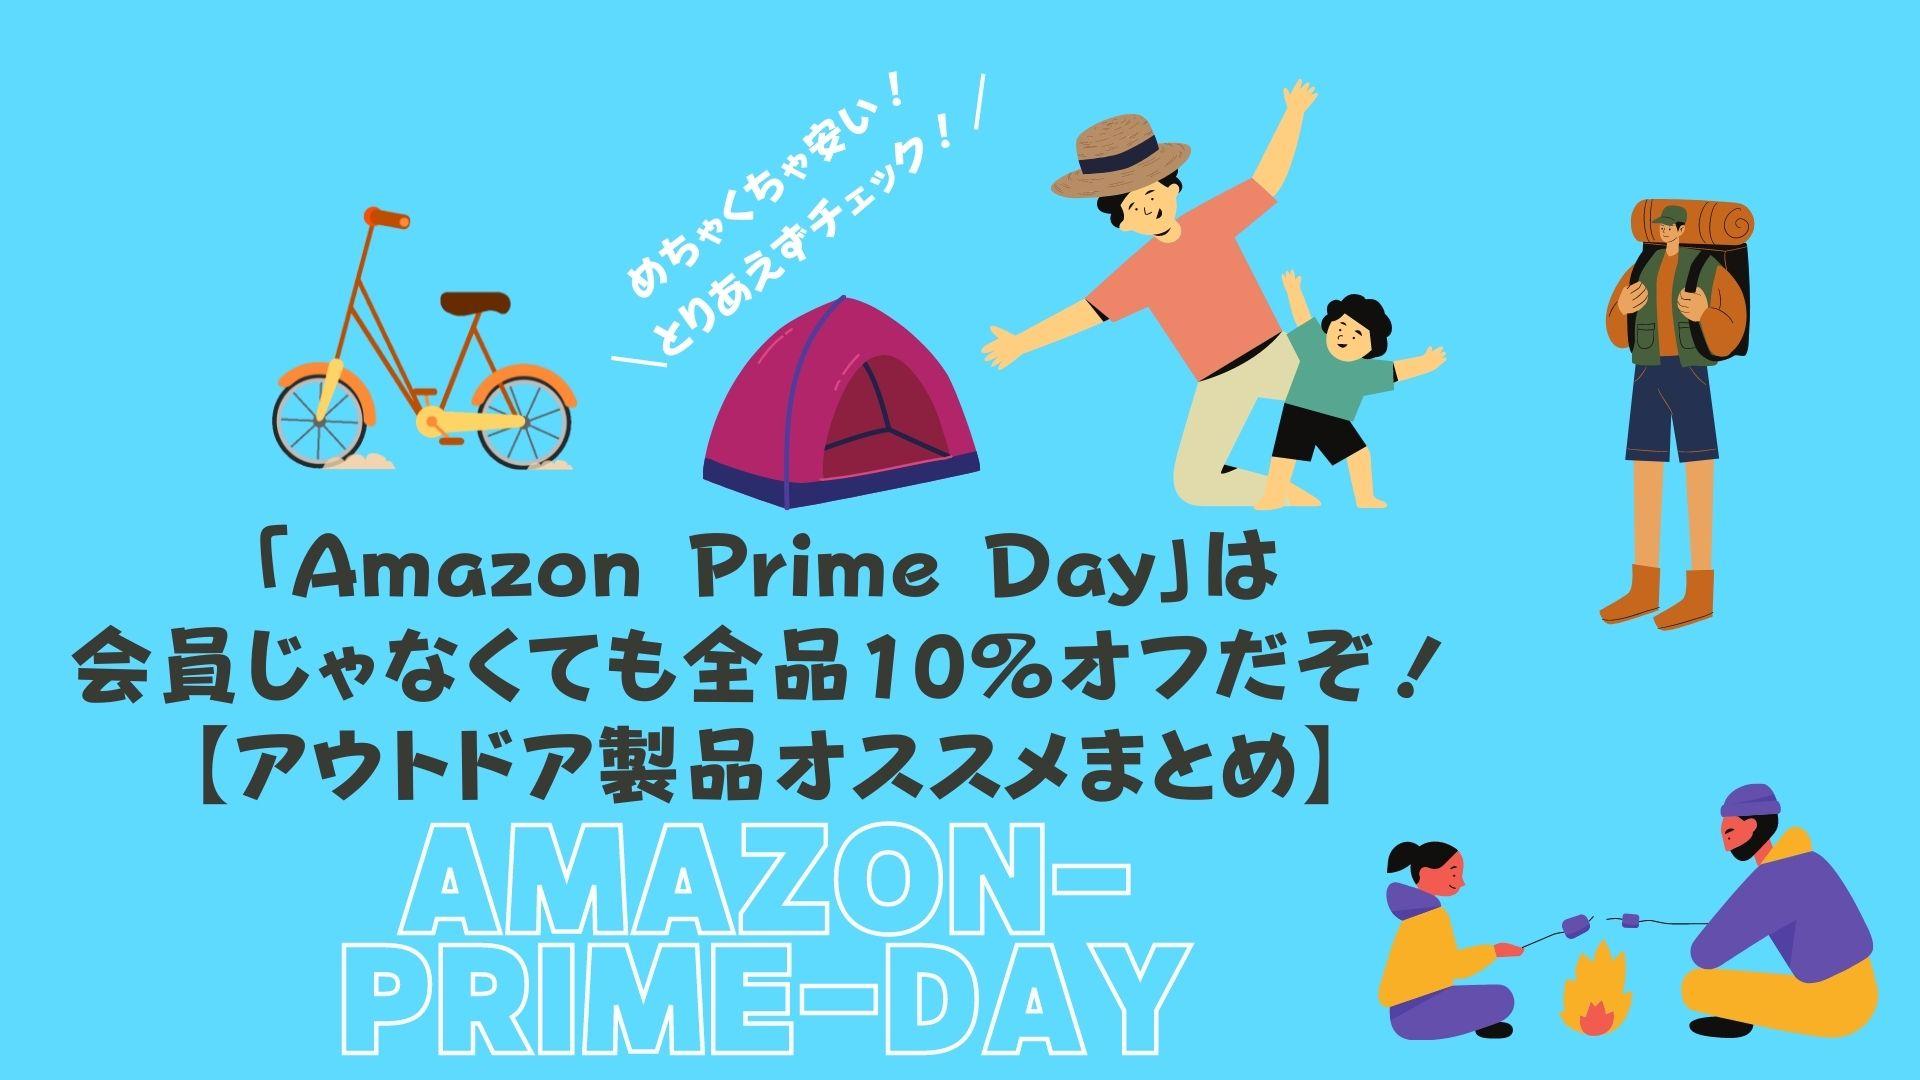 「Amazon Prime Day2021」は会員じゃなくても全品10%オフだぞ!【アウトドア製品オススメまとめ】